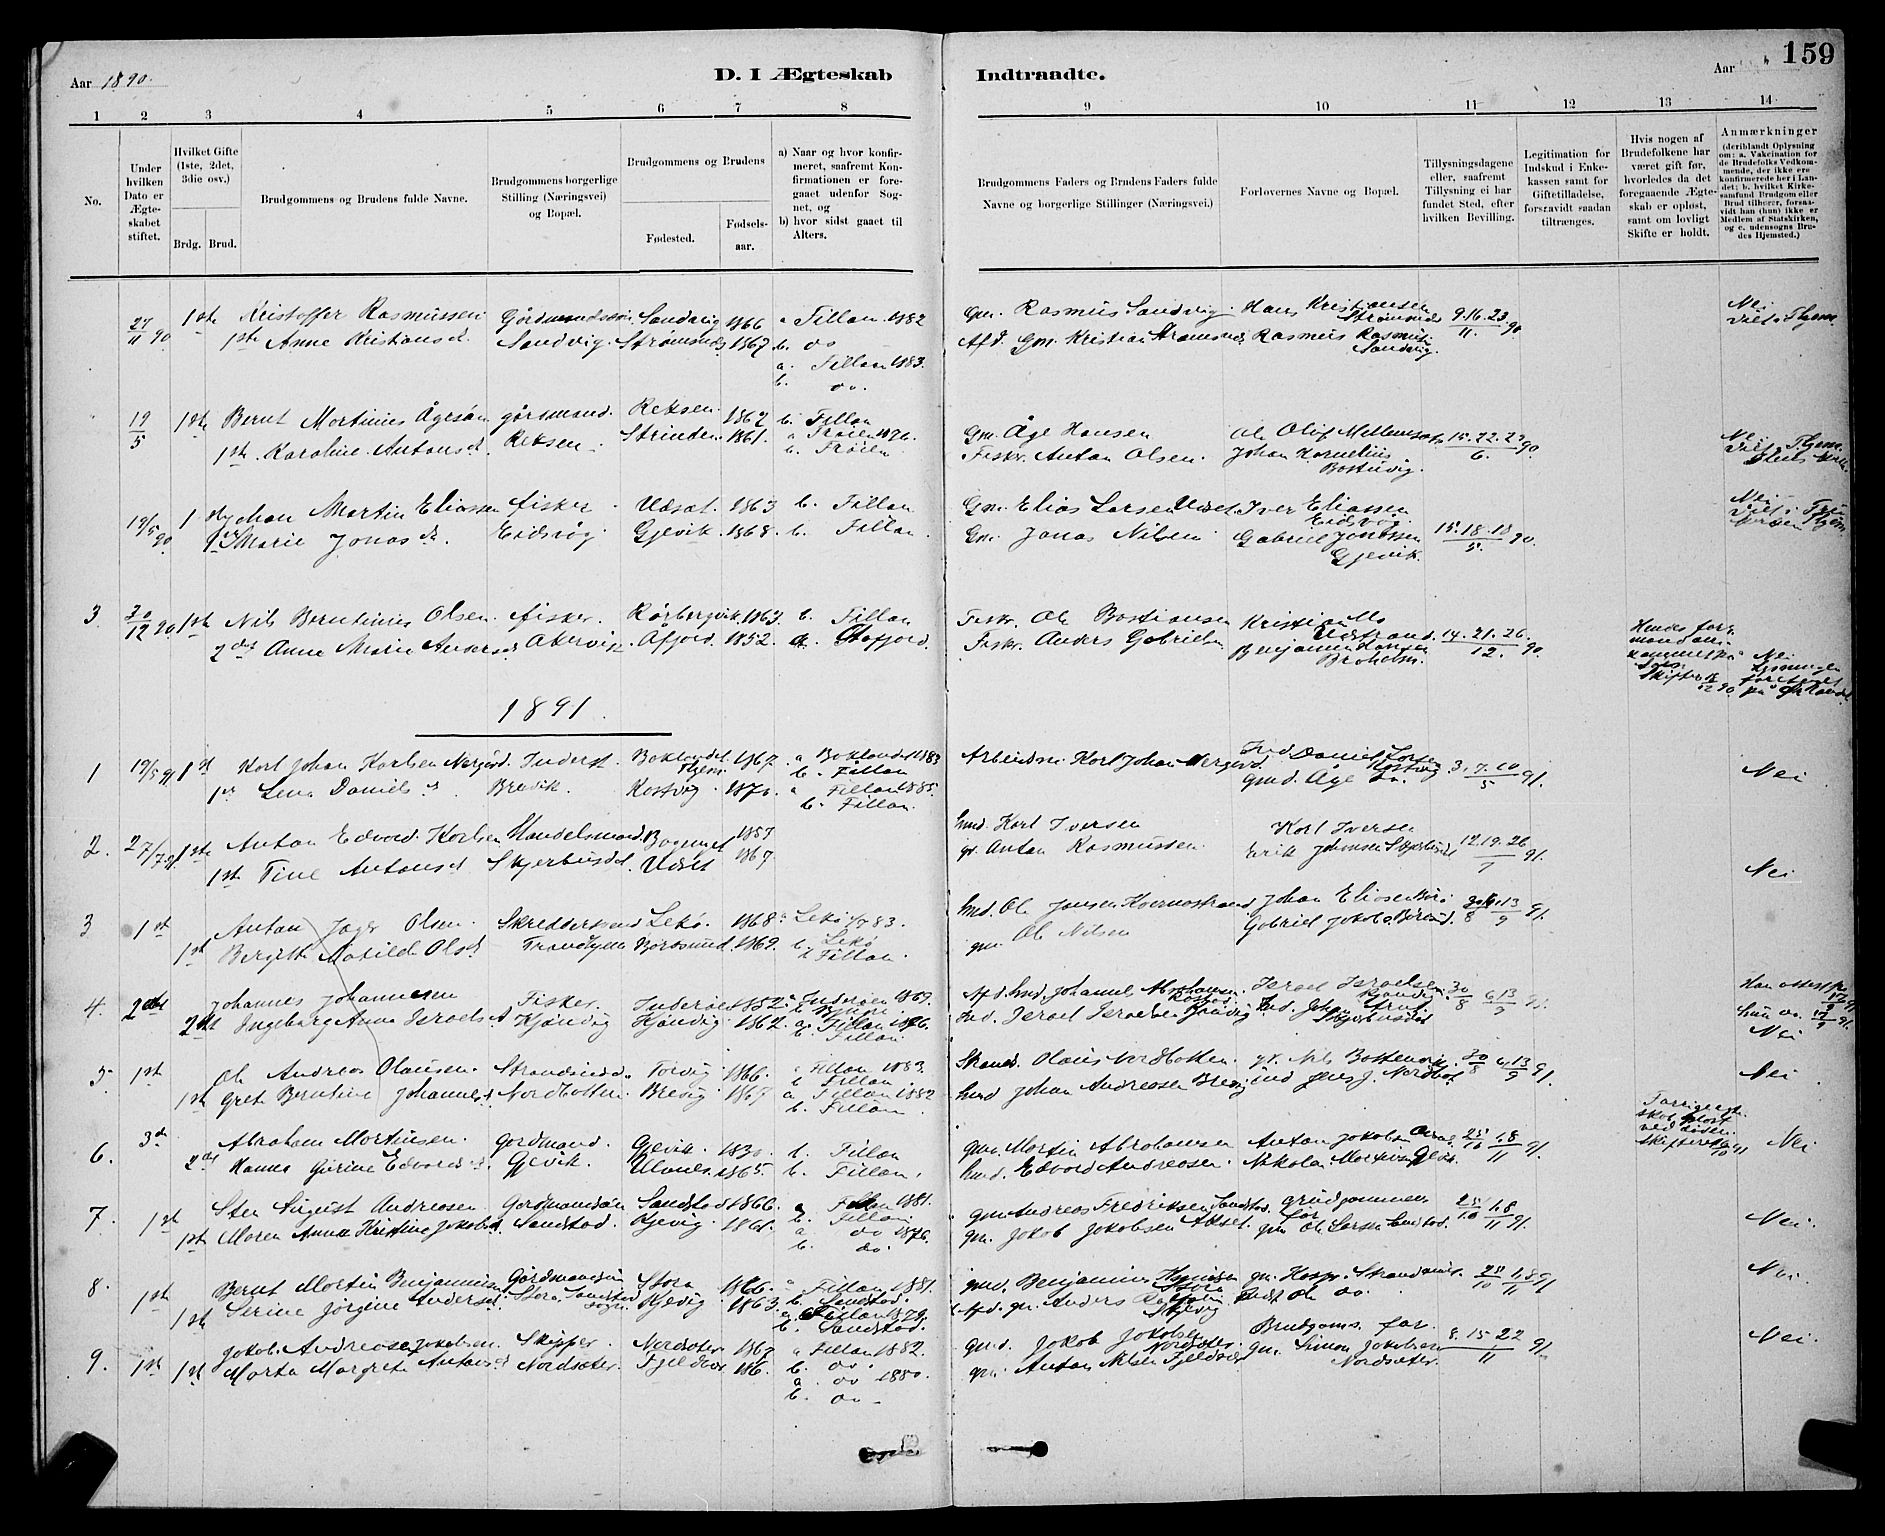 SAT, Ministerialprotokoller, klokkerbøker og fødselsregistre - Sør-Trøndelag, 637/L0562: Klokkerbok nr. 637C03, 1883-1898, s. 159